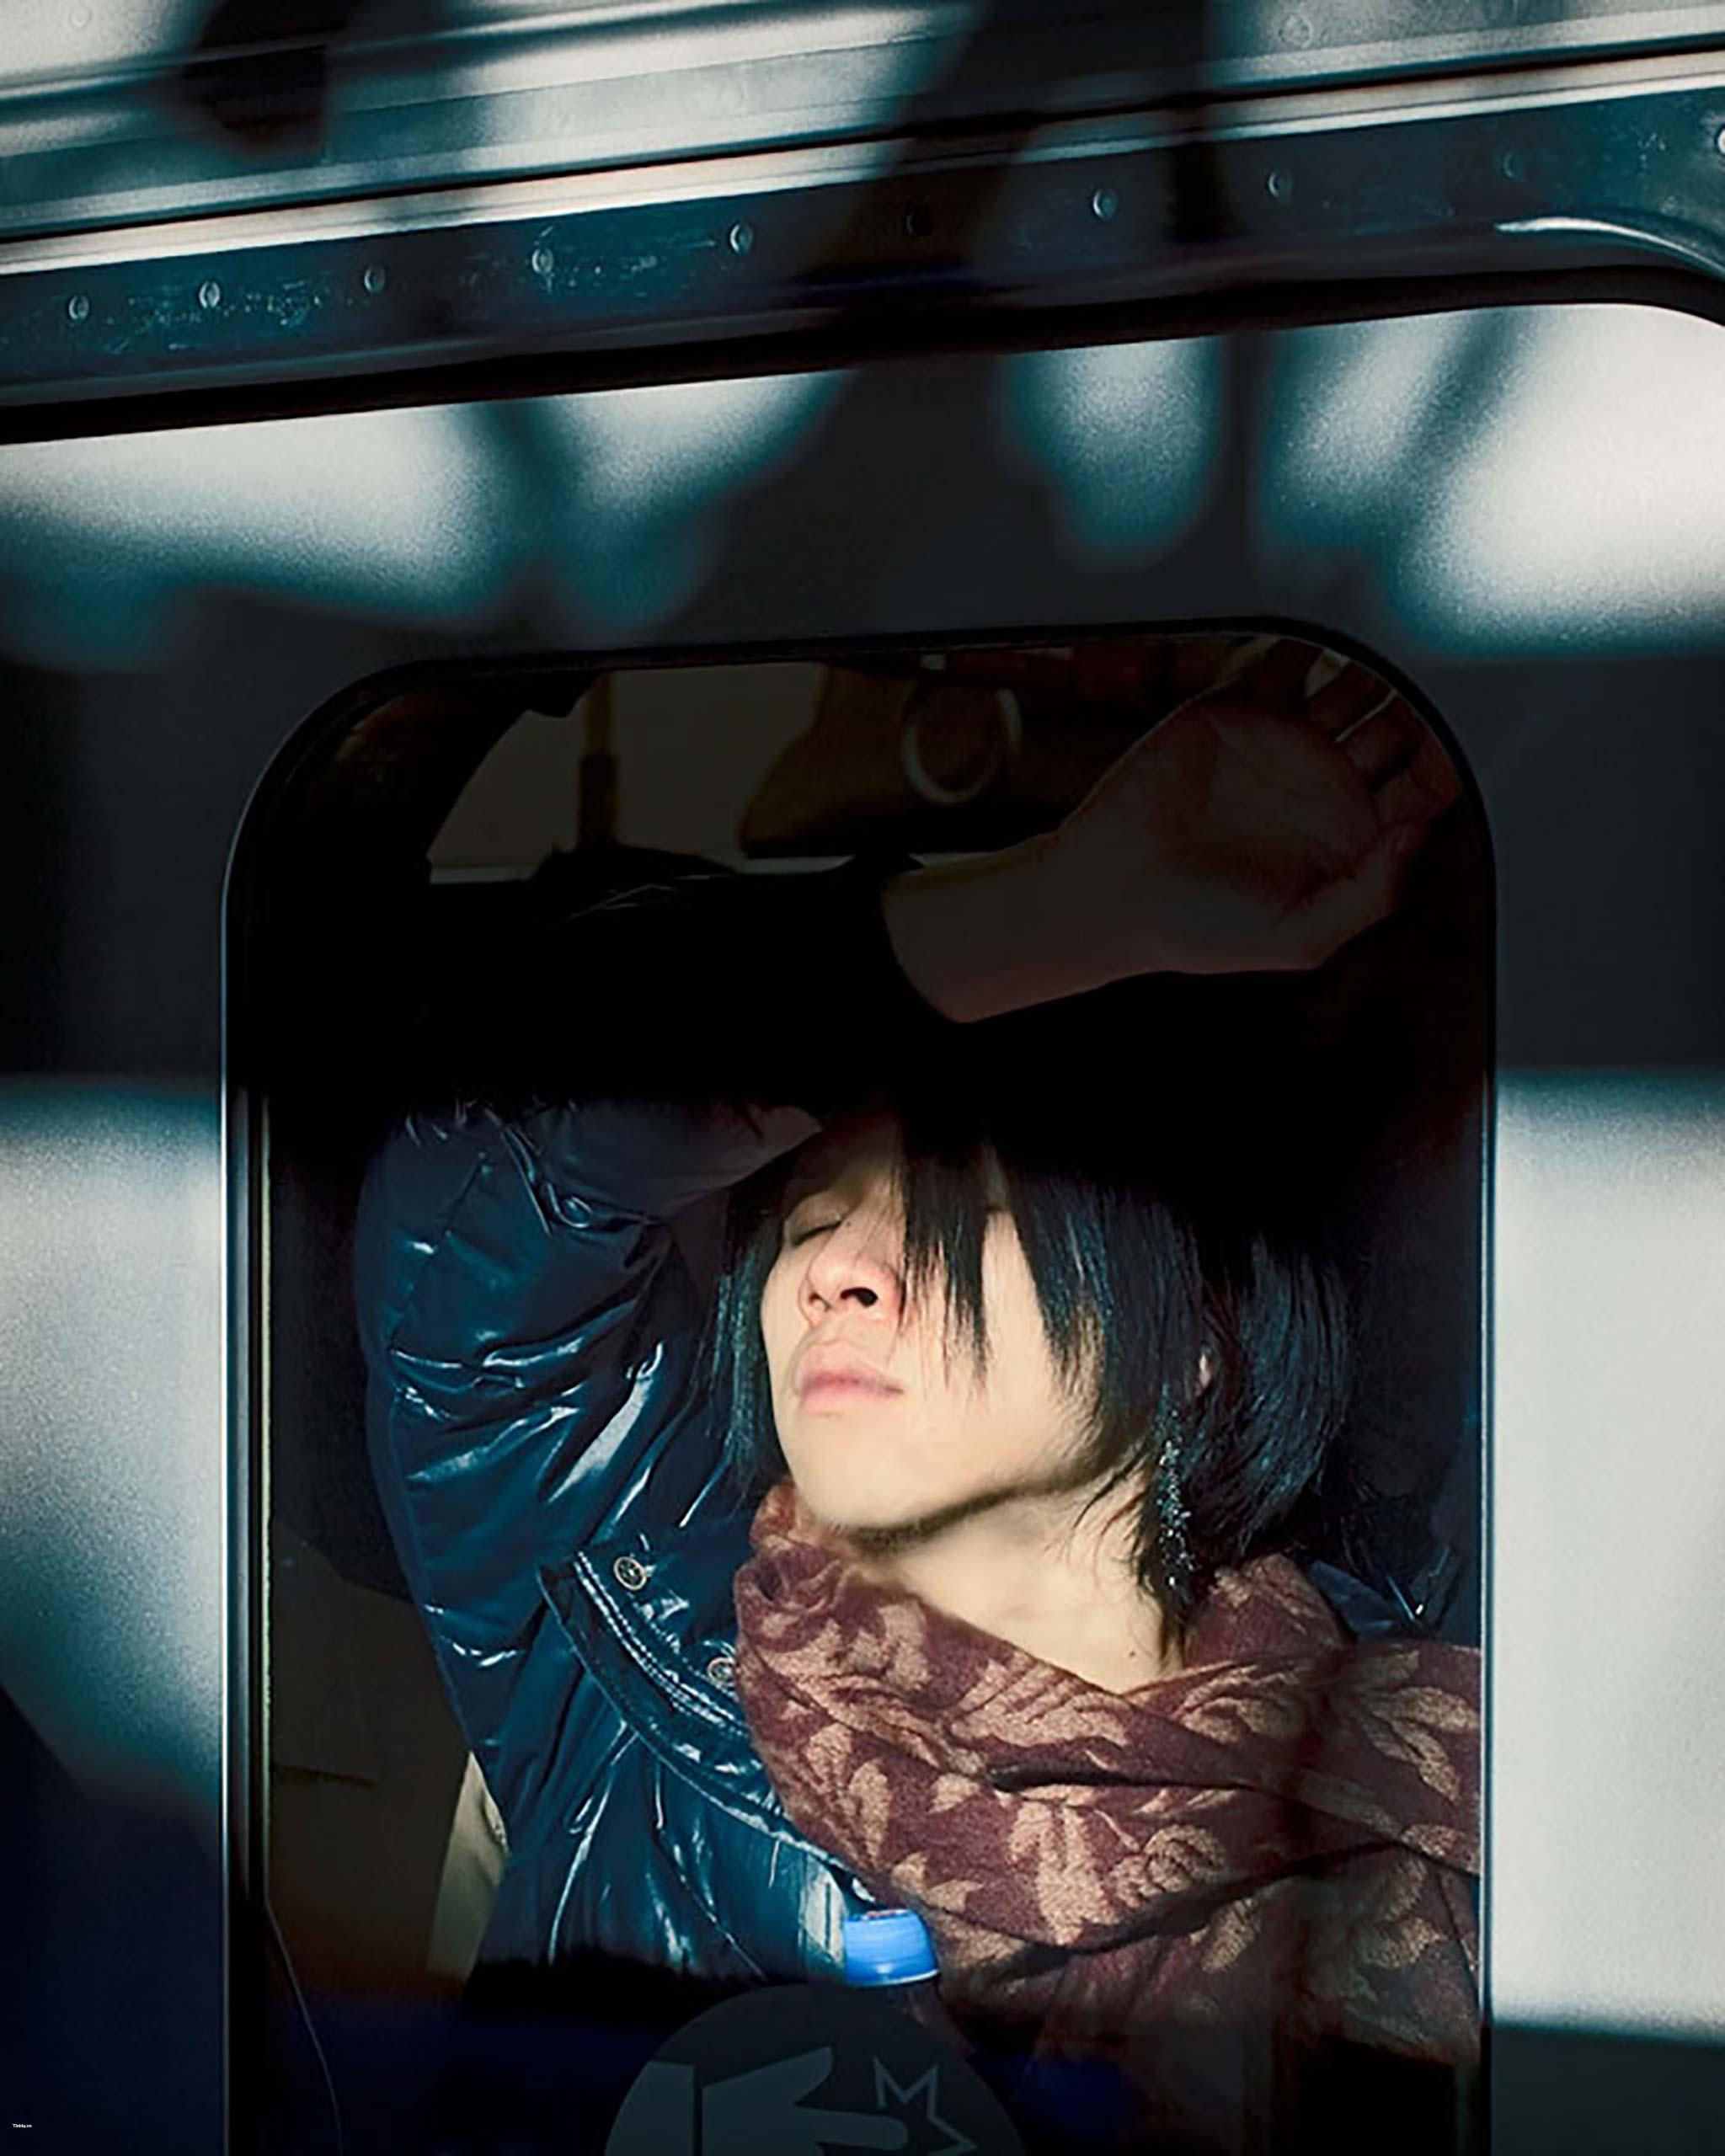 Đang tải rush_hour_tokyo_commuters_by_michael_wolf_camera.tinhte.vn-11.jpg…